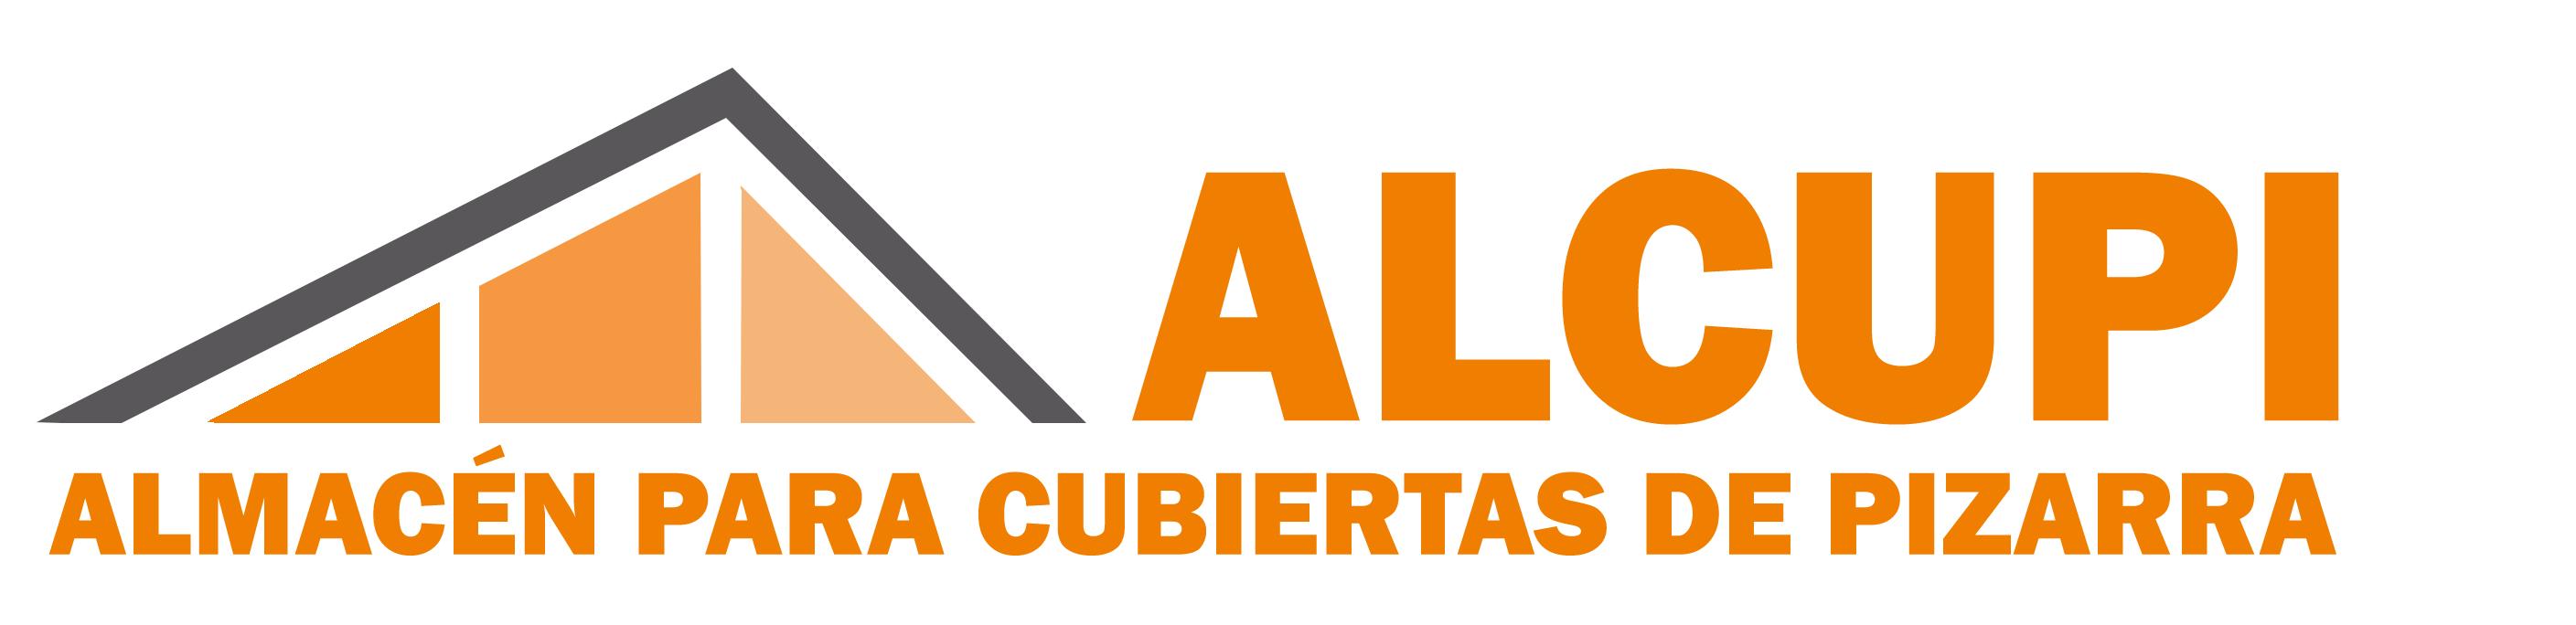 Alcupi - Venta de material para cubiertas